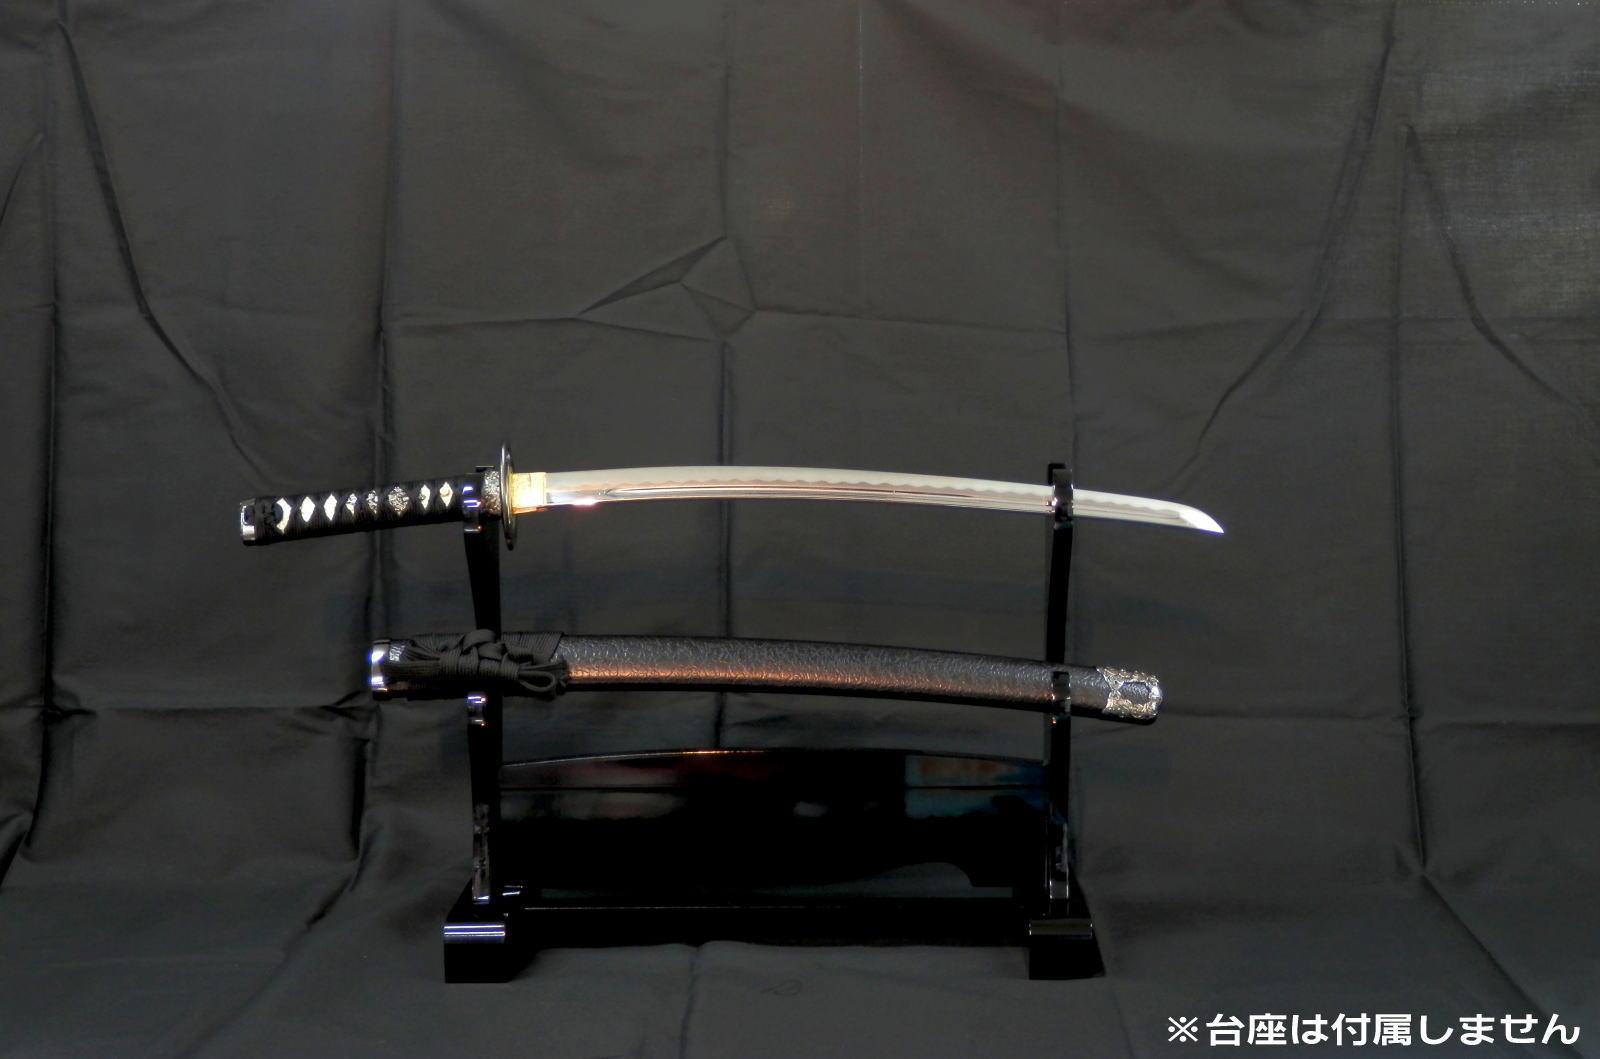 【即納】匠刀房 NEU-037S 宮本武蔵 拵え 小刀 日本刀 美術刀 模造刀